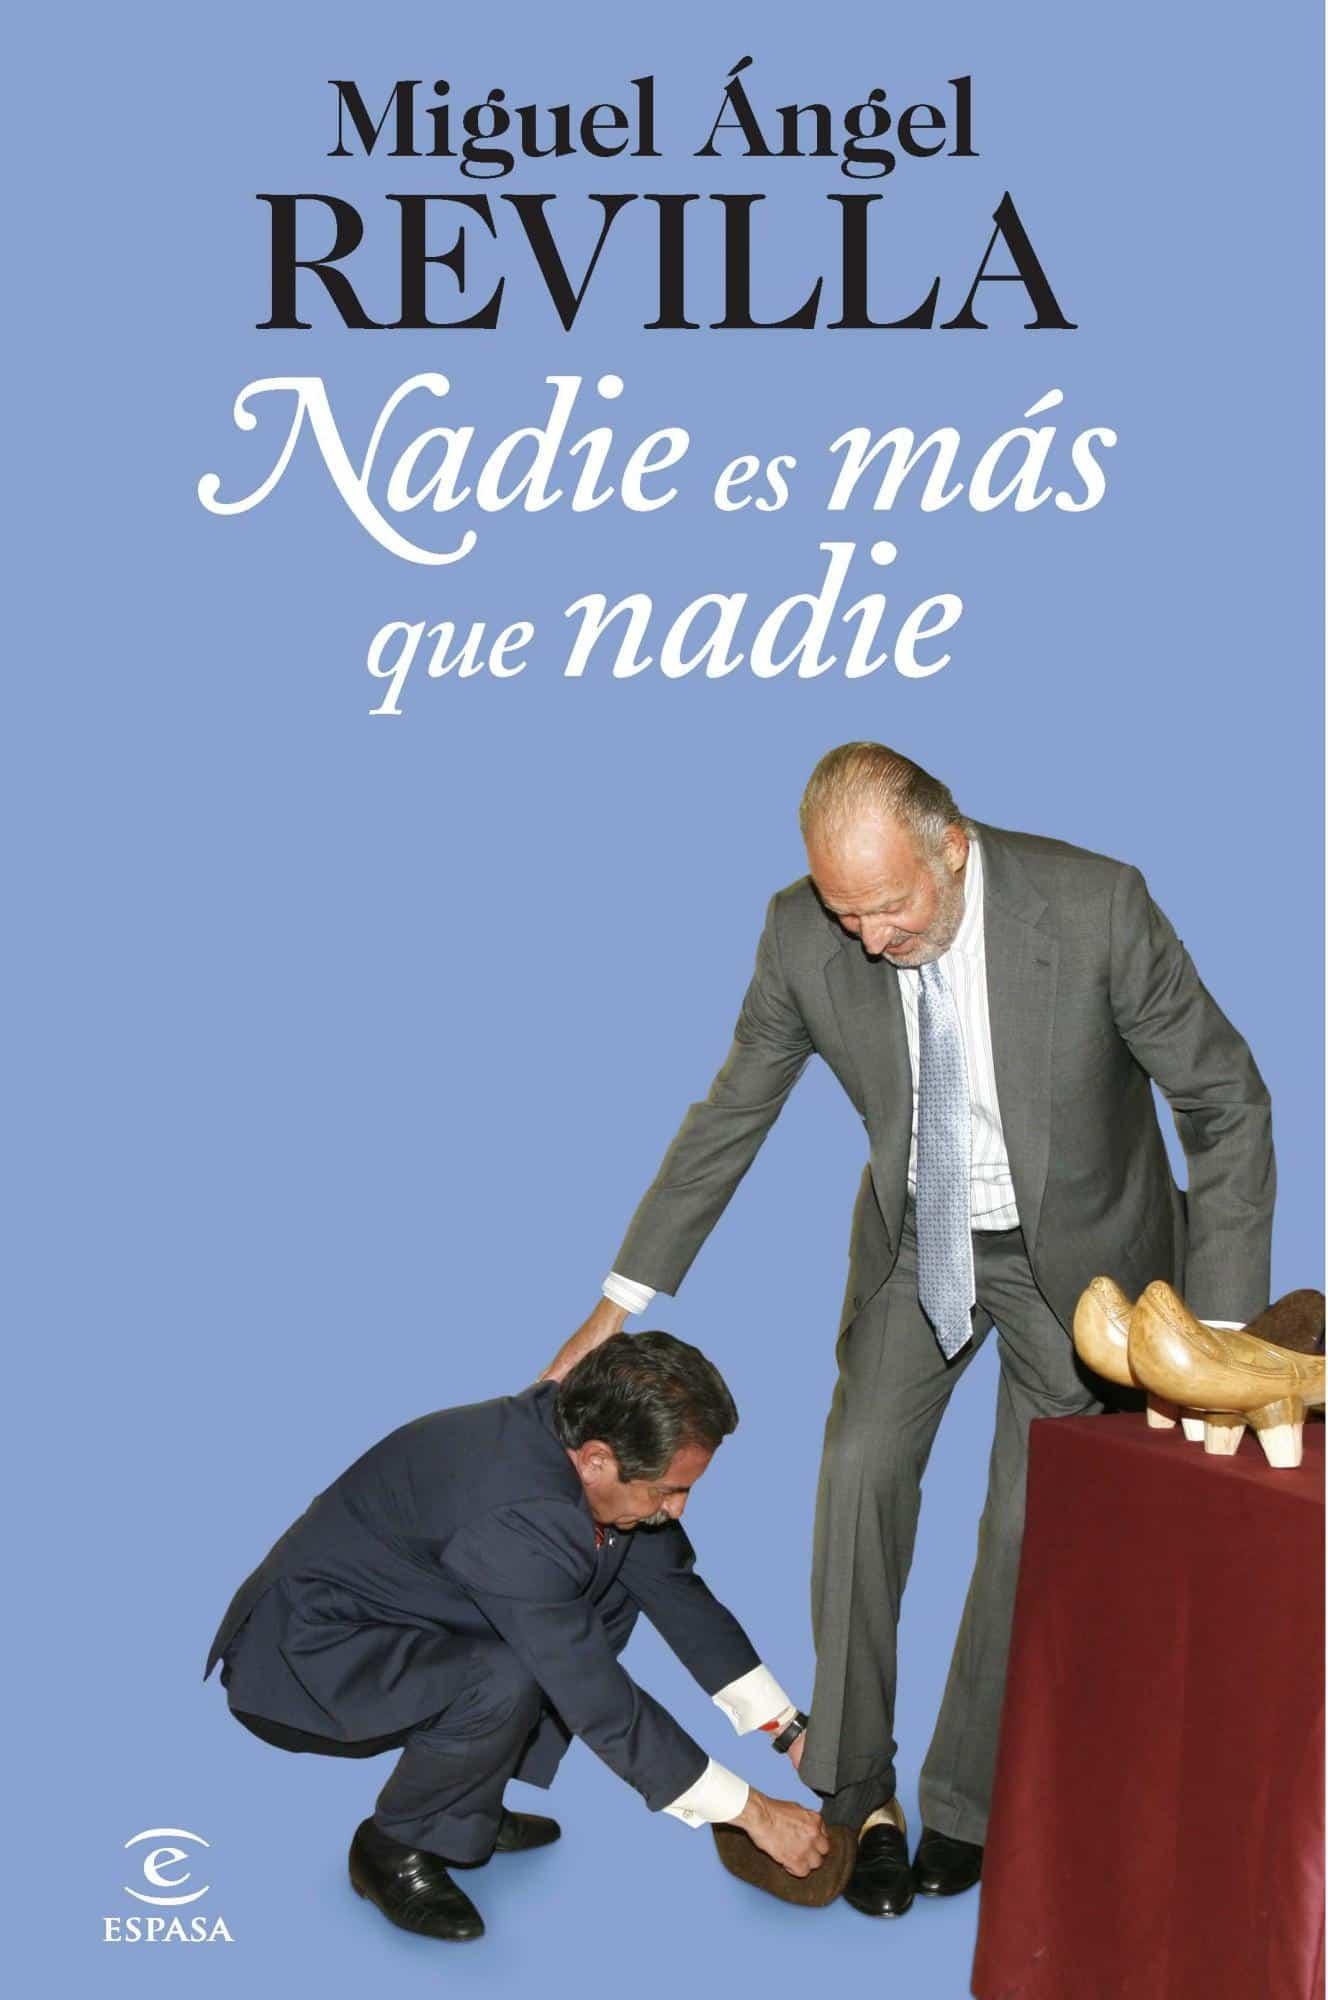 Descargar el libro Nadie es mas que nadie (PDF - ePUB)